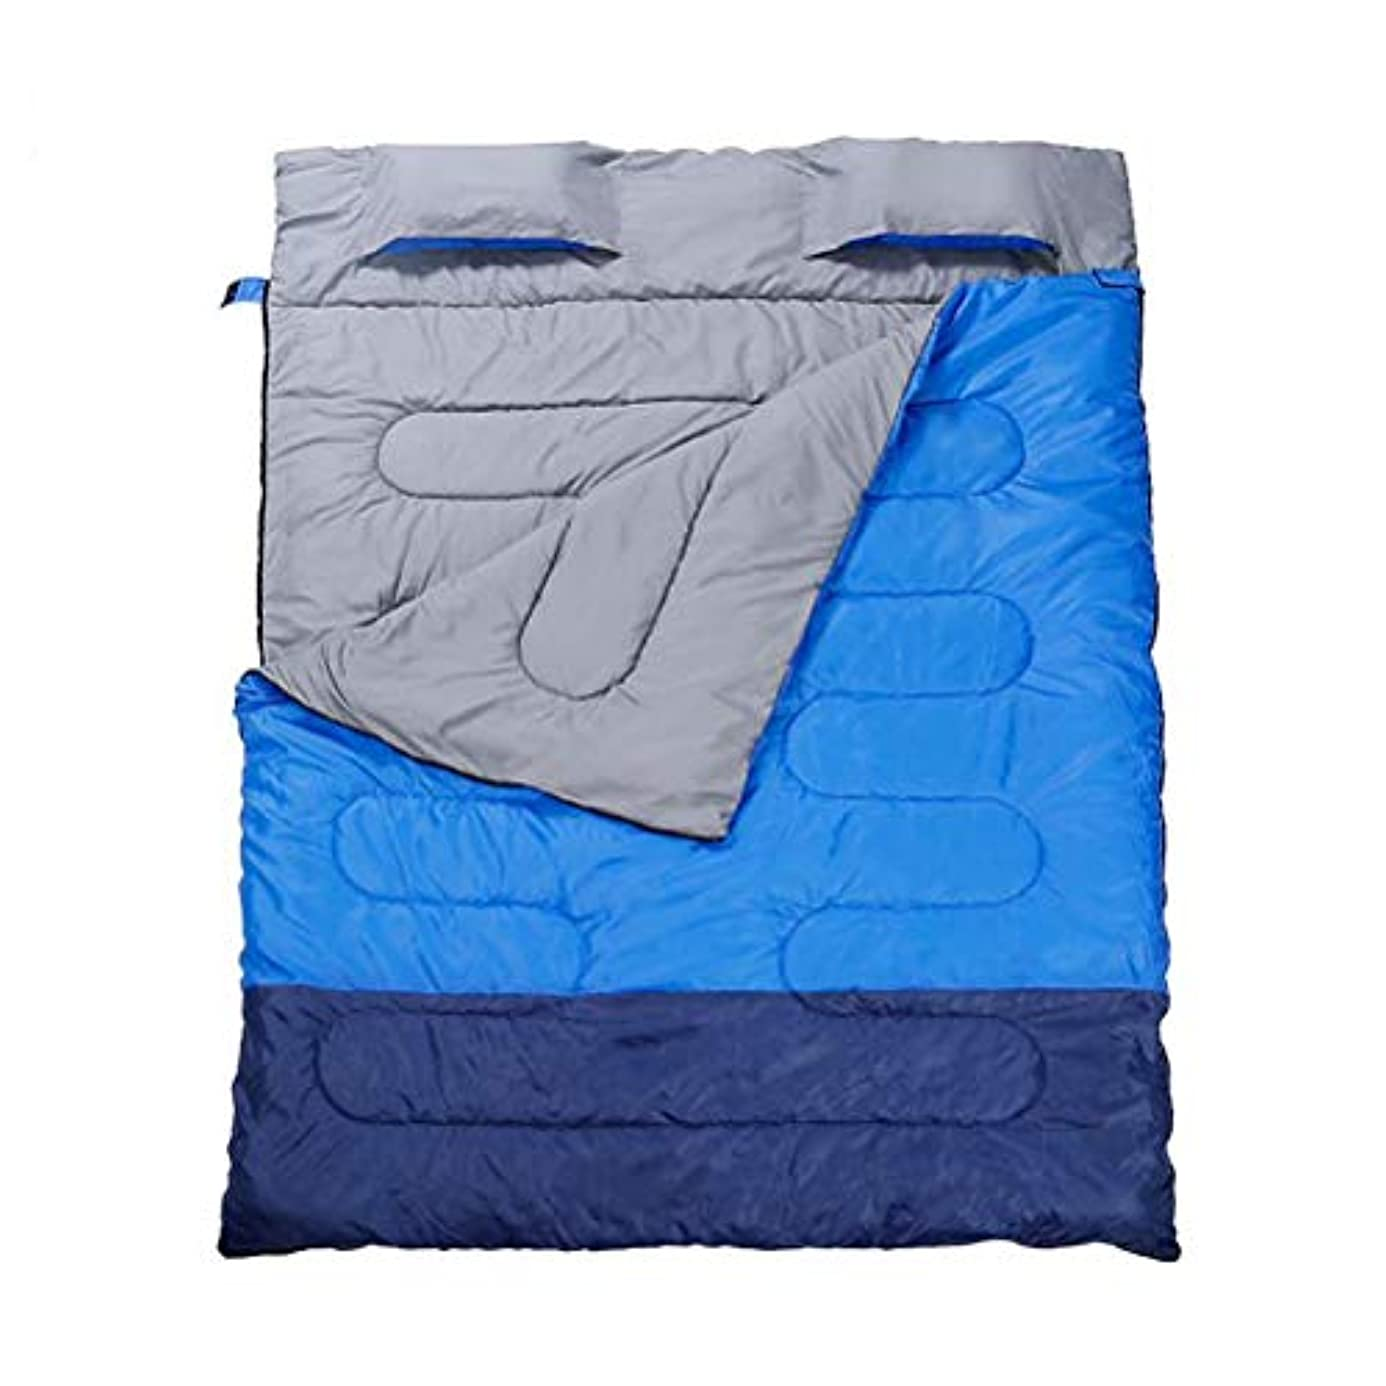 びっくりしたこしょうセンチメンタルダブル寝袋、長方形の寝袋、屋内と屋外の、3シーズン、エクストラロング、暖かい充填、大人用キャンプ、バックパッキング、ハイキング、テント、屋外のキャンピングカー